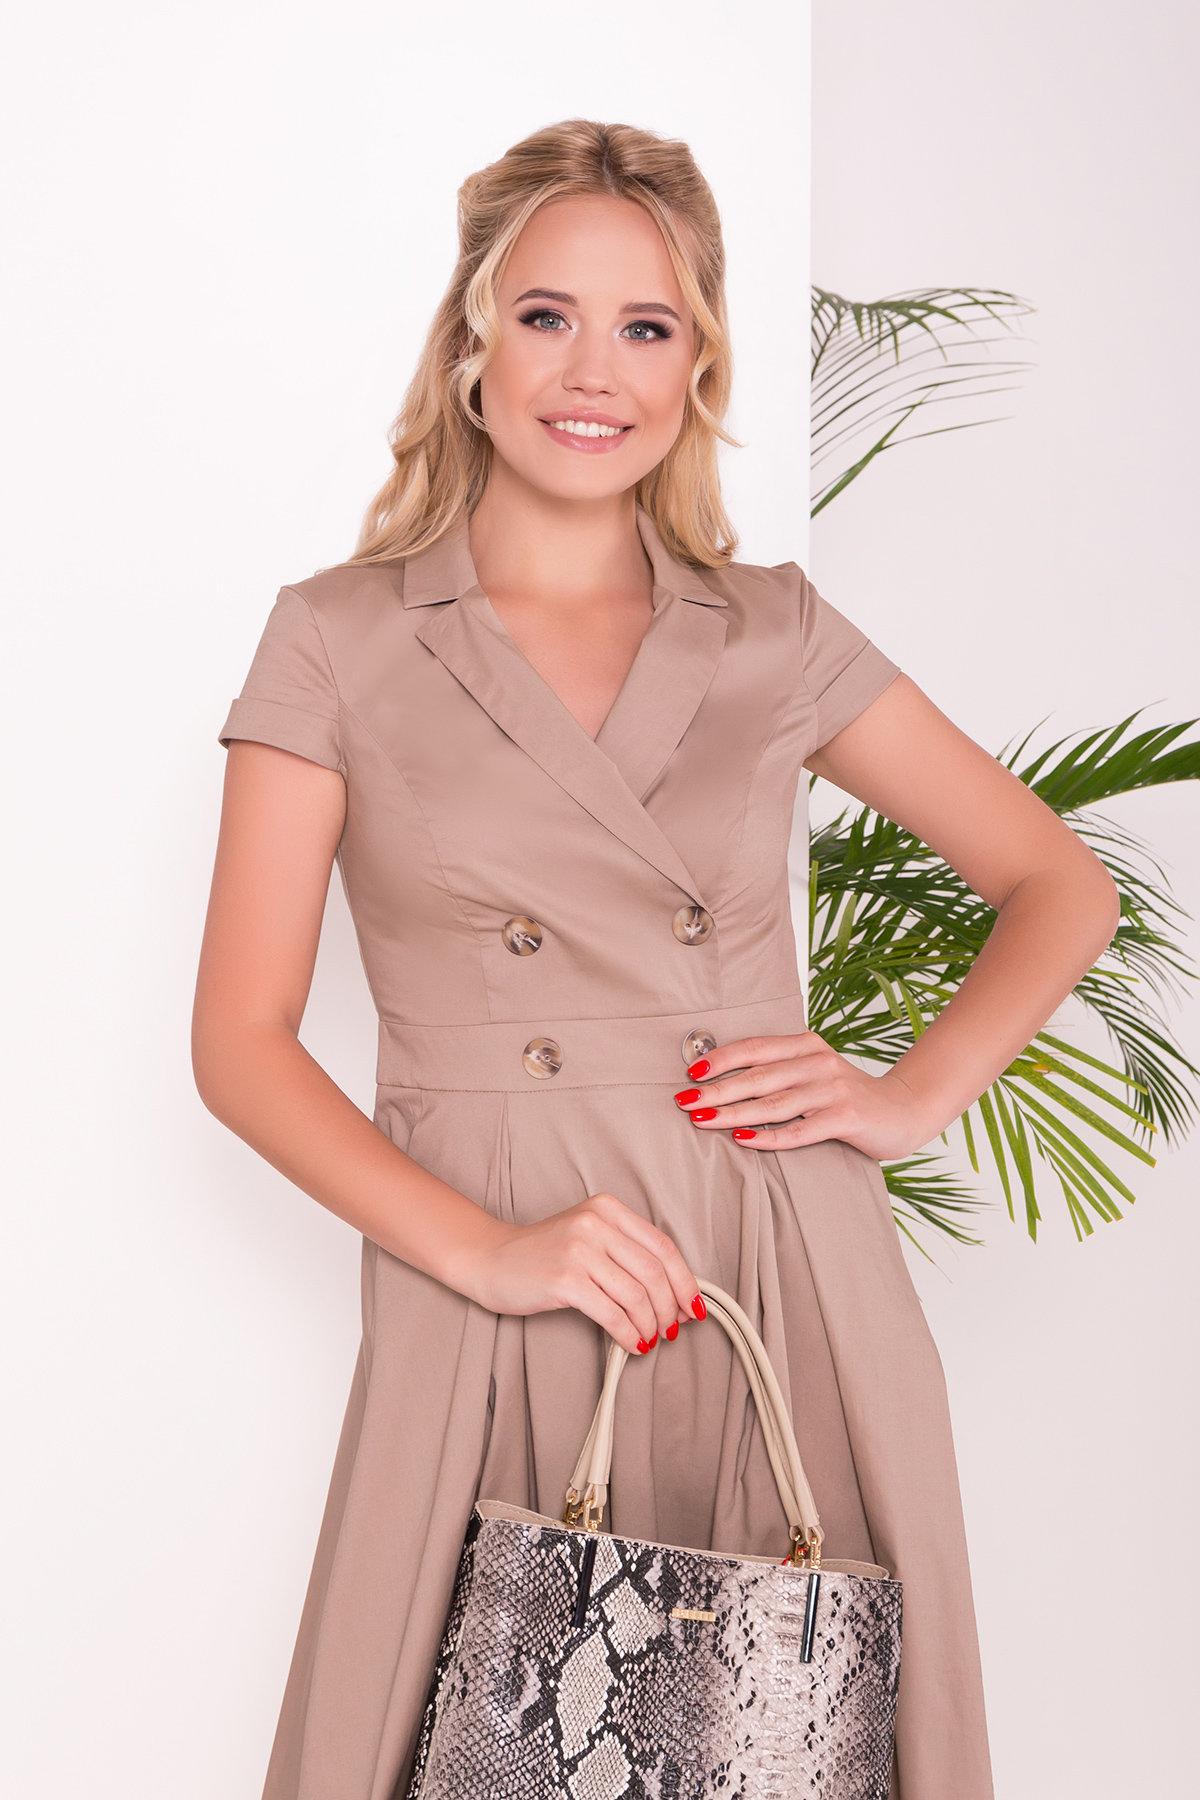 Платье Артего 7440 АРТ. 43452 Цвет: Бежевый 3 - фото 3, интернет магазин tm-modus.ru